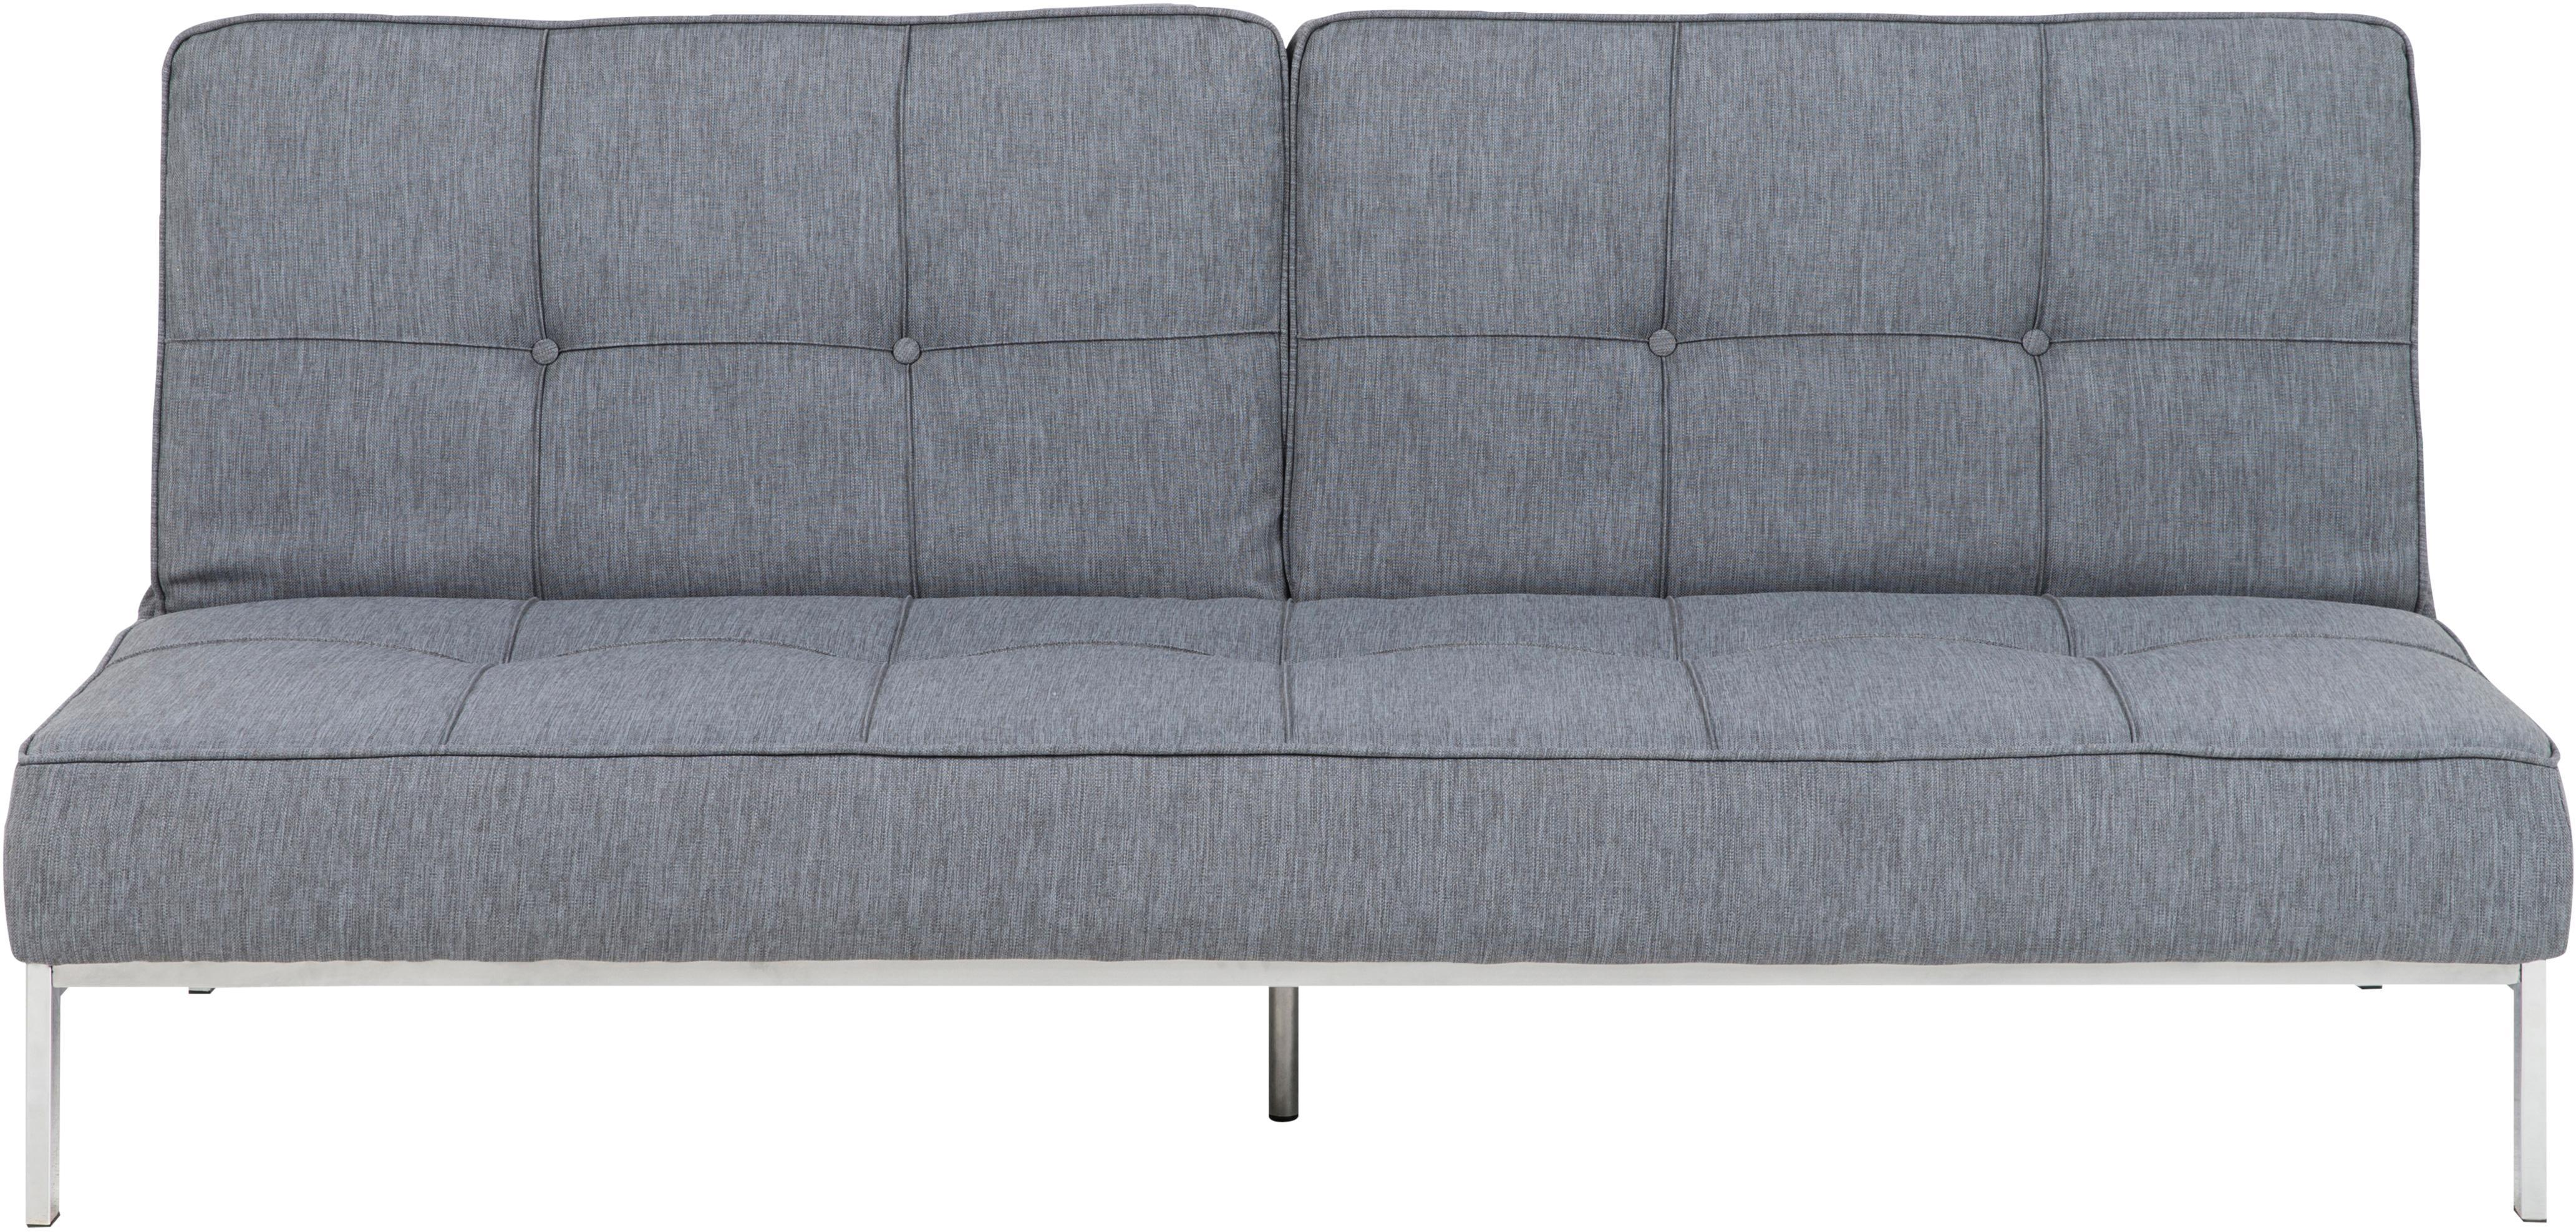 Sofa rozkładana Perugia, Tapicerka: poliester Dzięki tkaninie, Nogi: metal lakierowany, Jasny szary, S 198 x G 95 cm